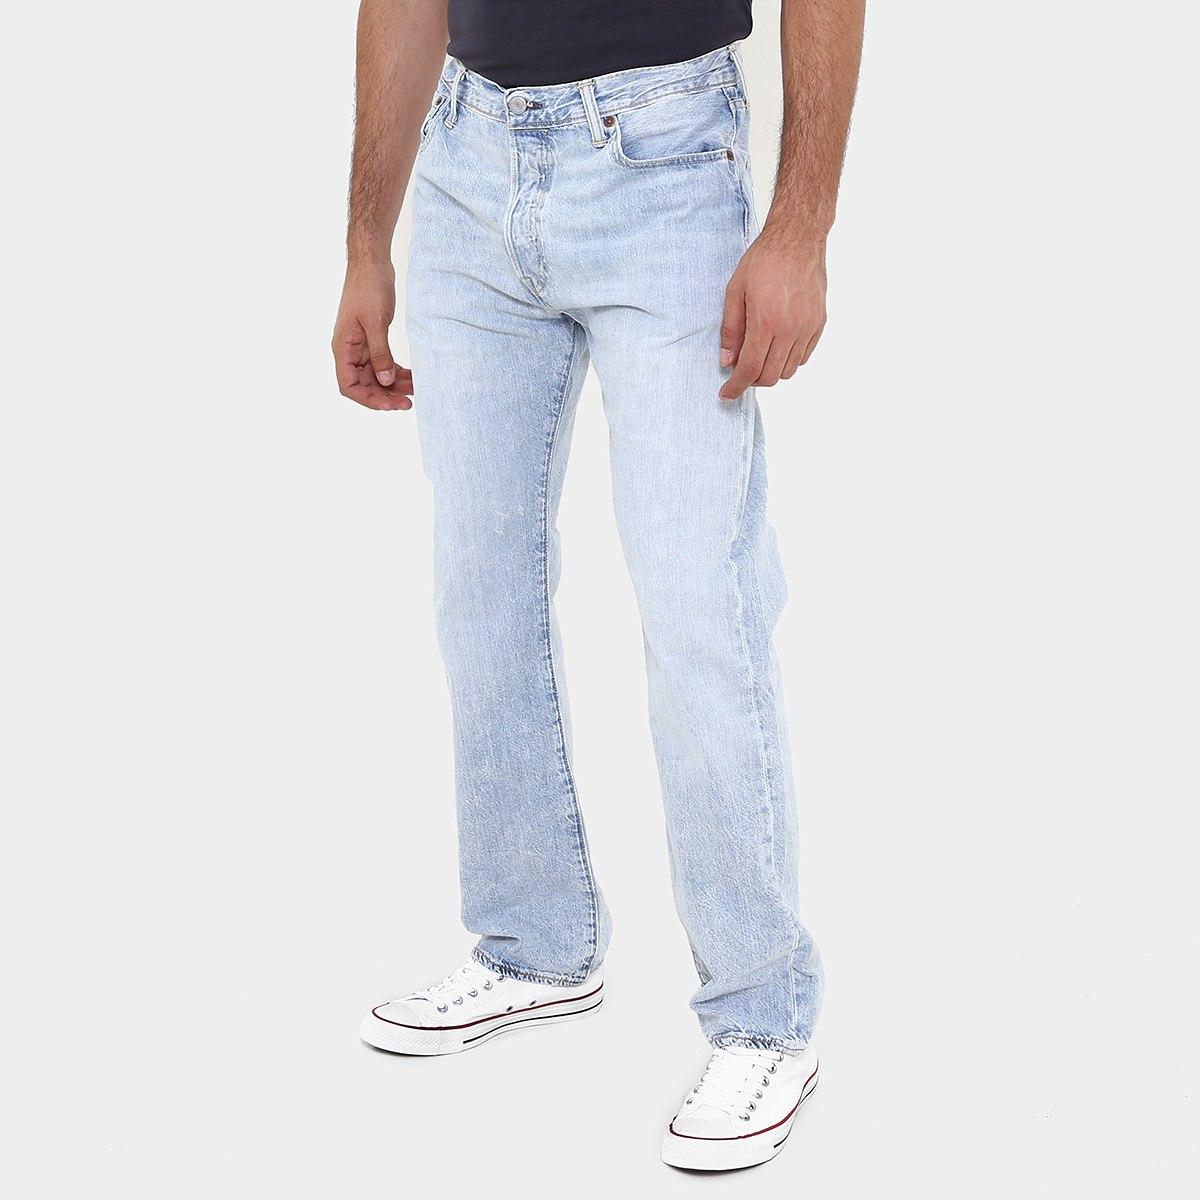 Netshoes Jeans Levi's 501 Original Opacity - Denim